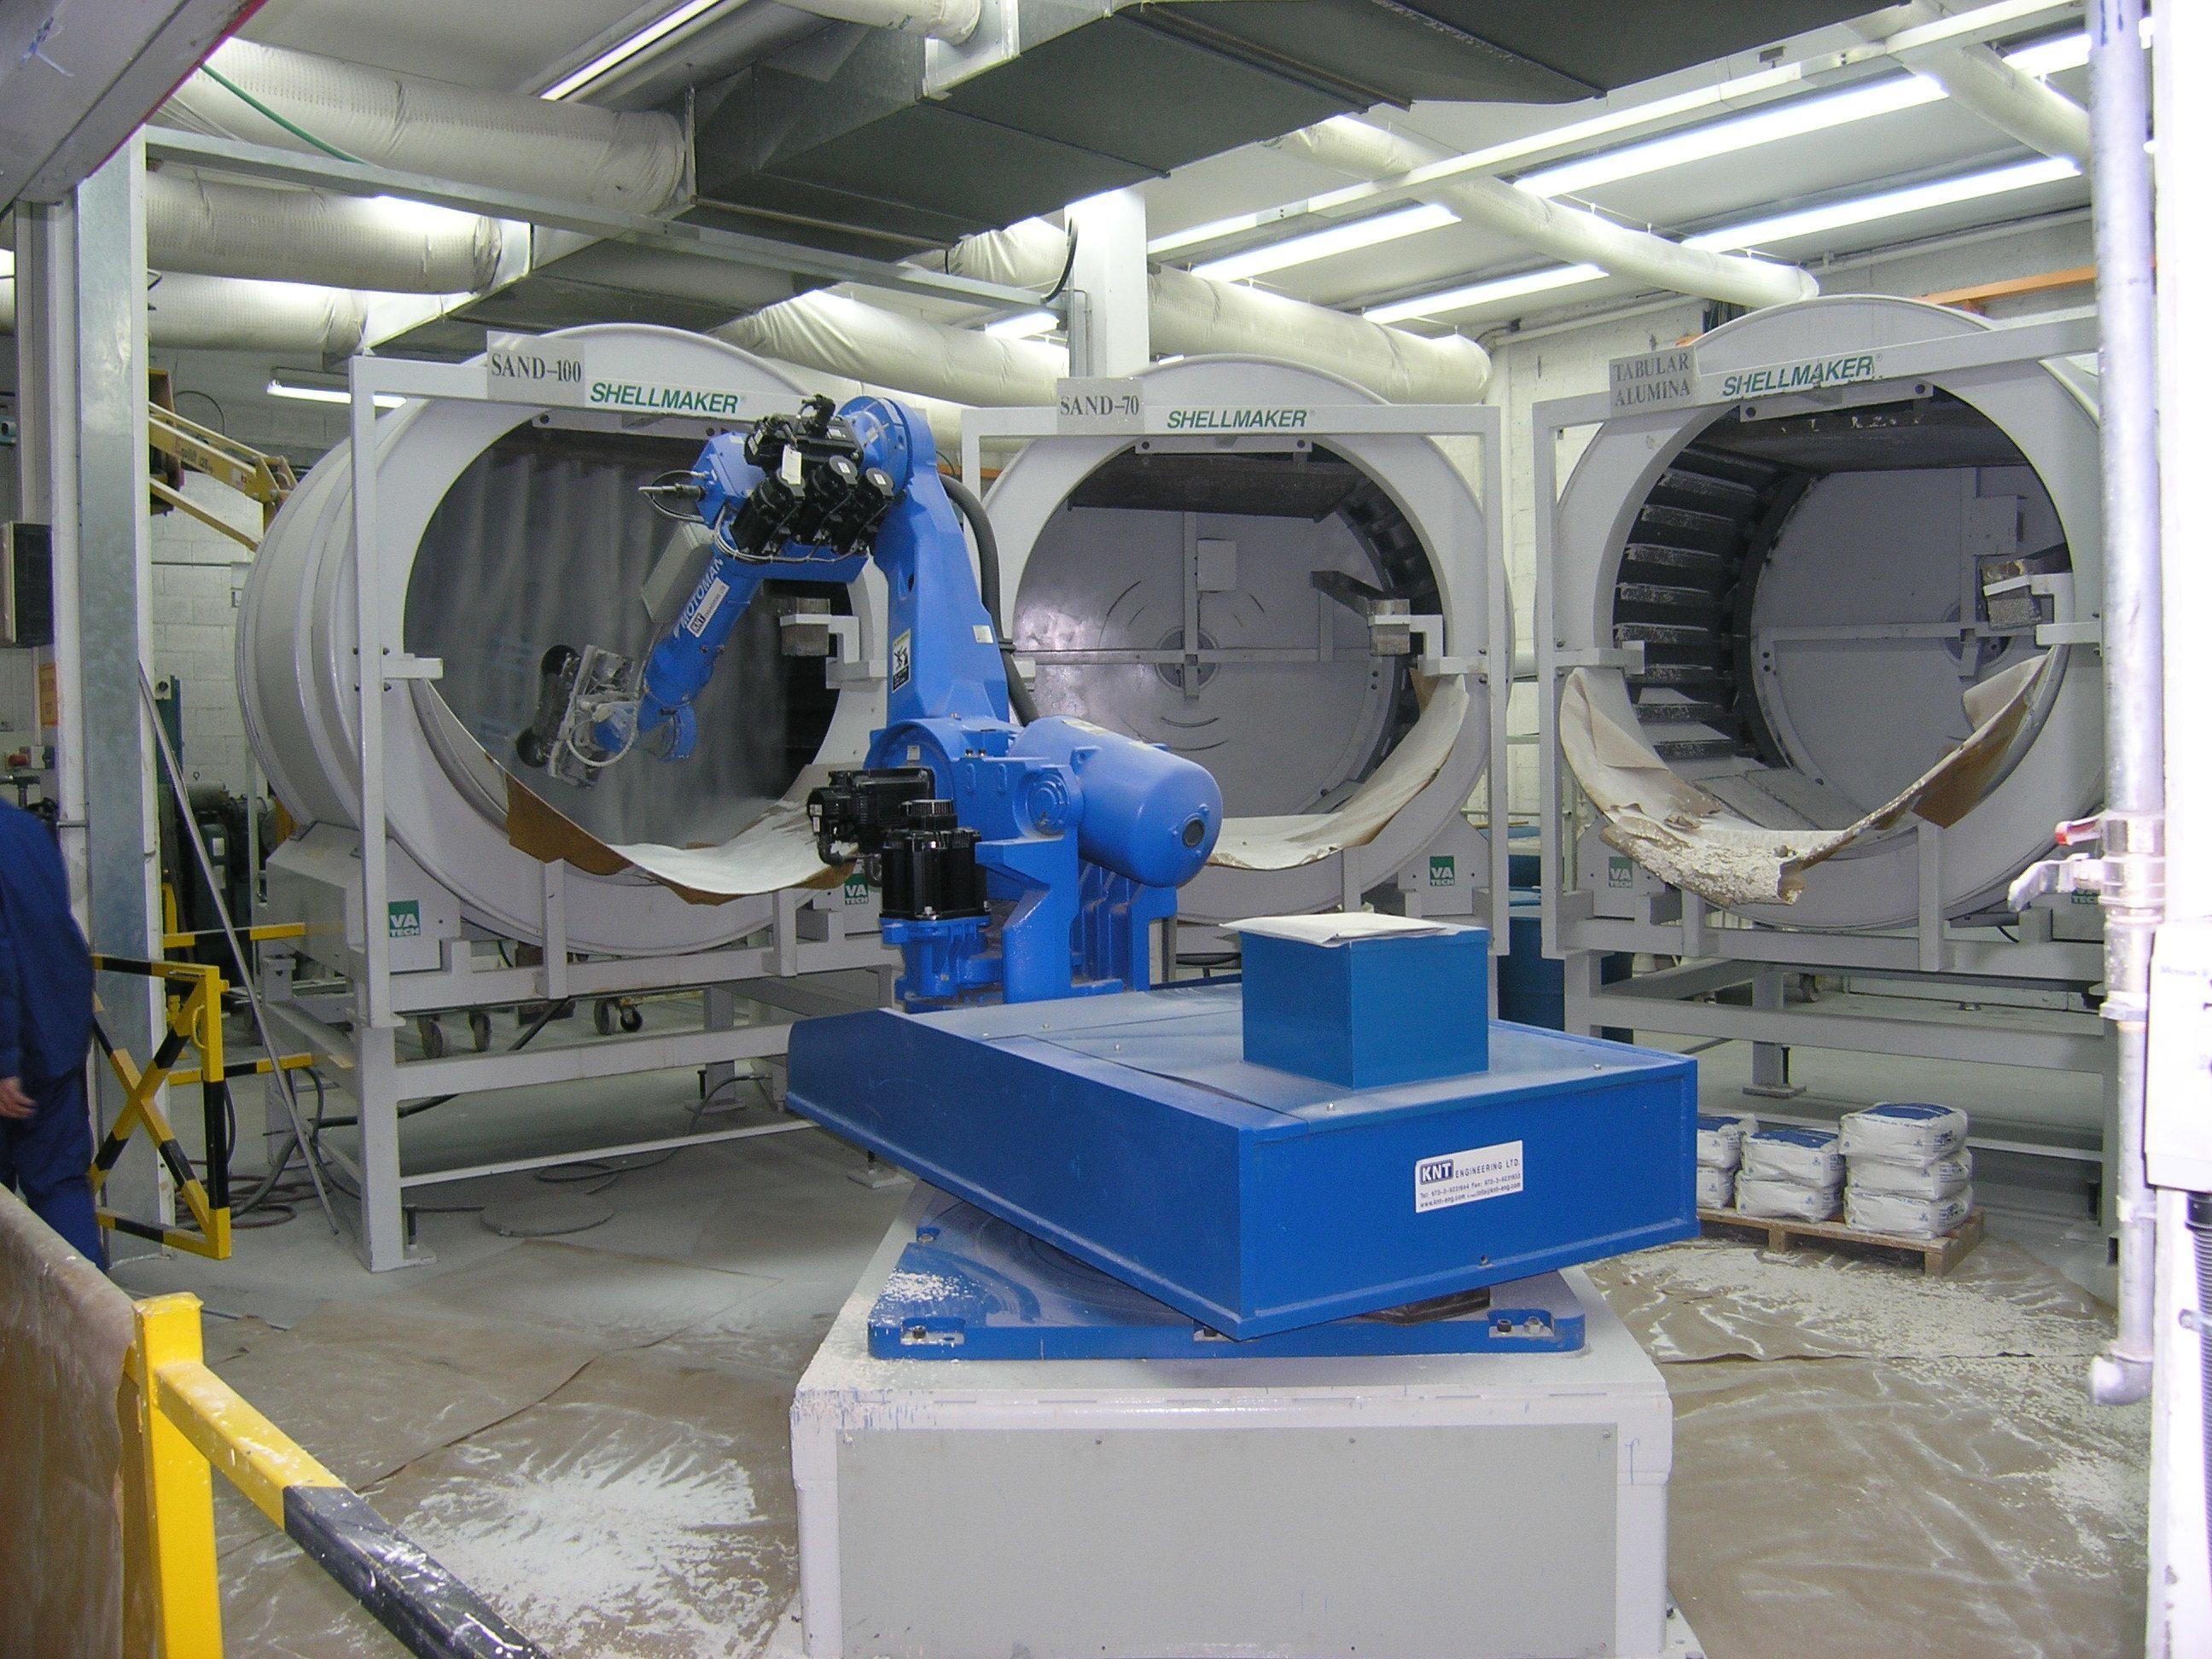 רובוט תומך במכונות - אוטמציה